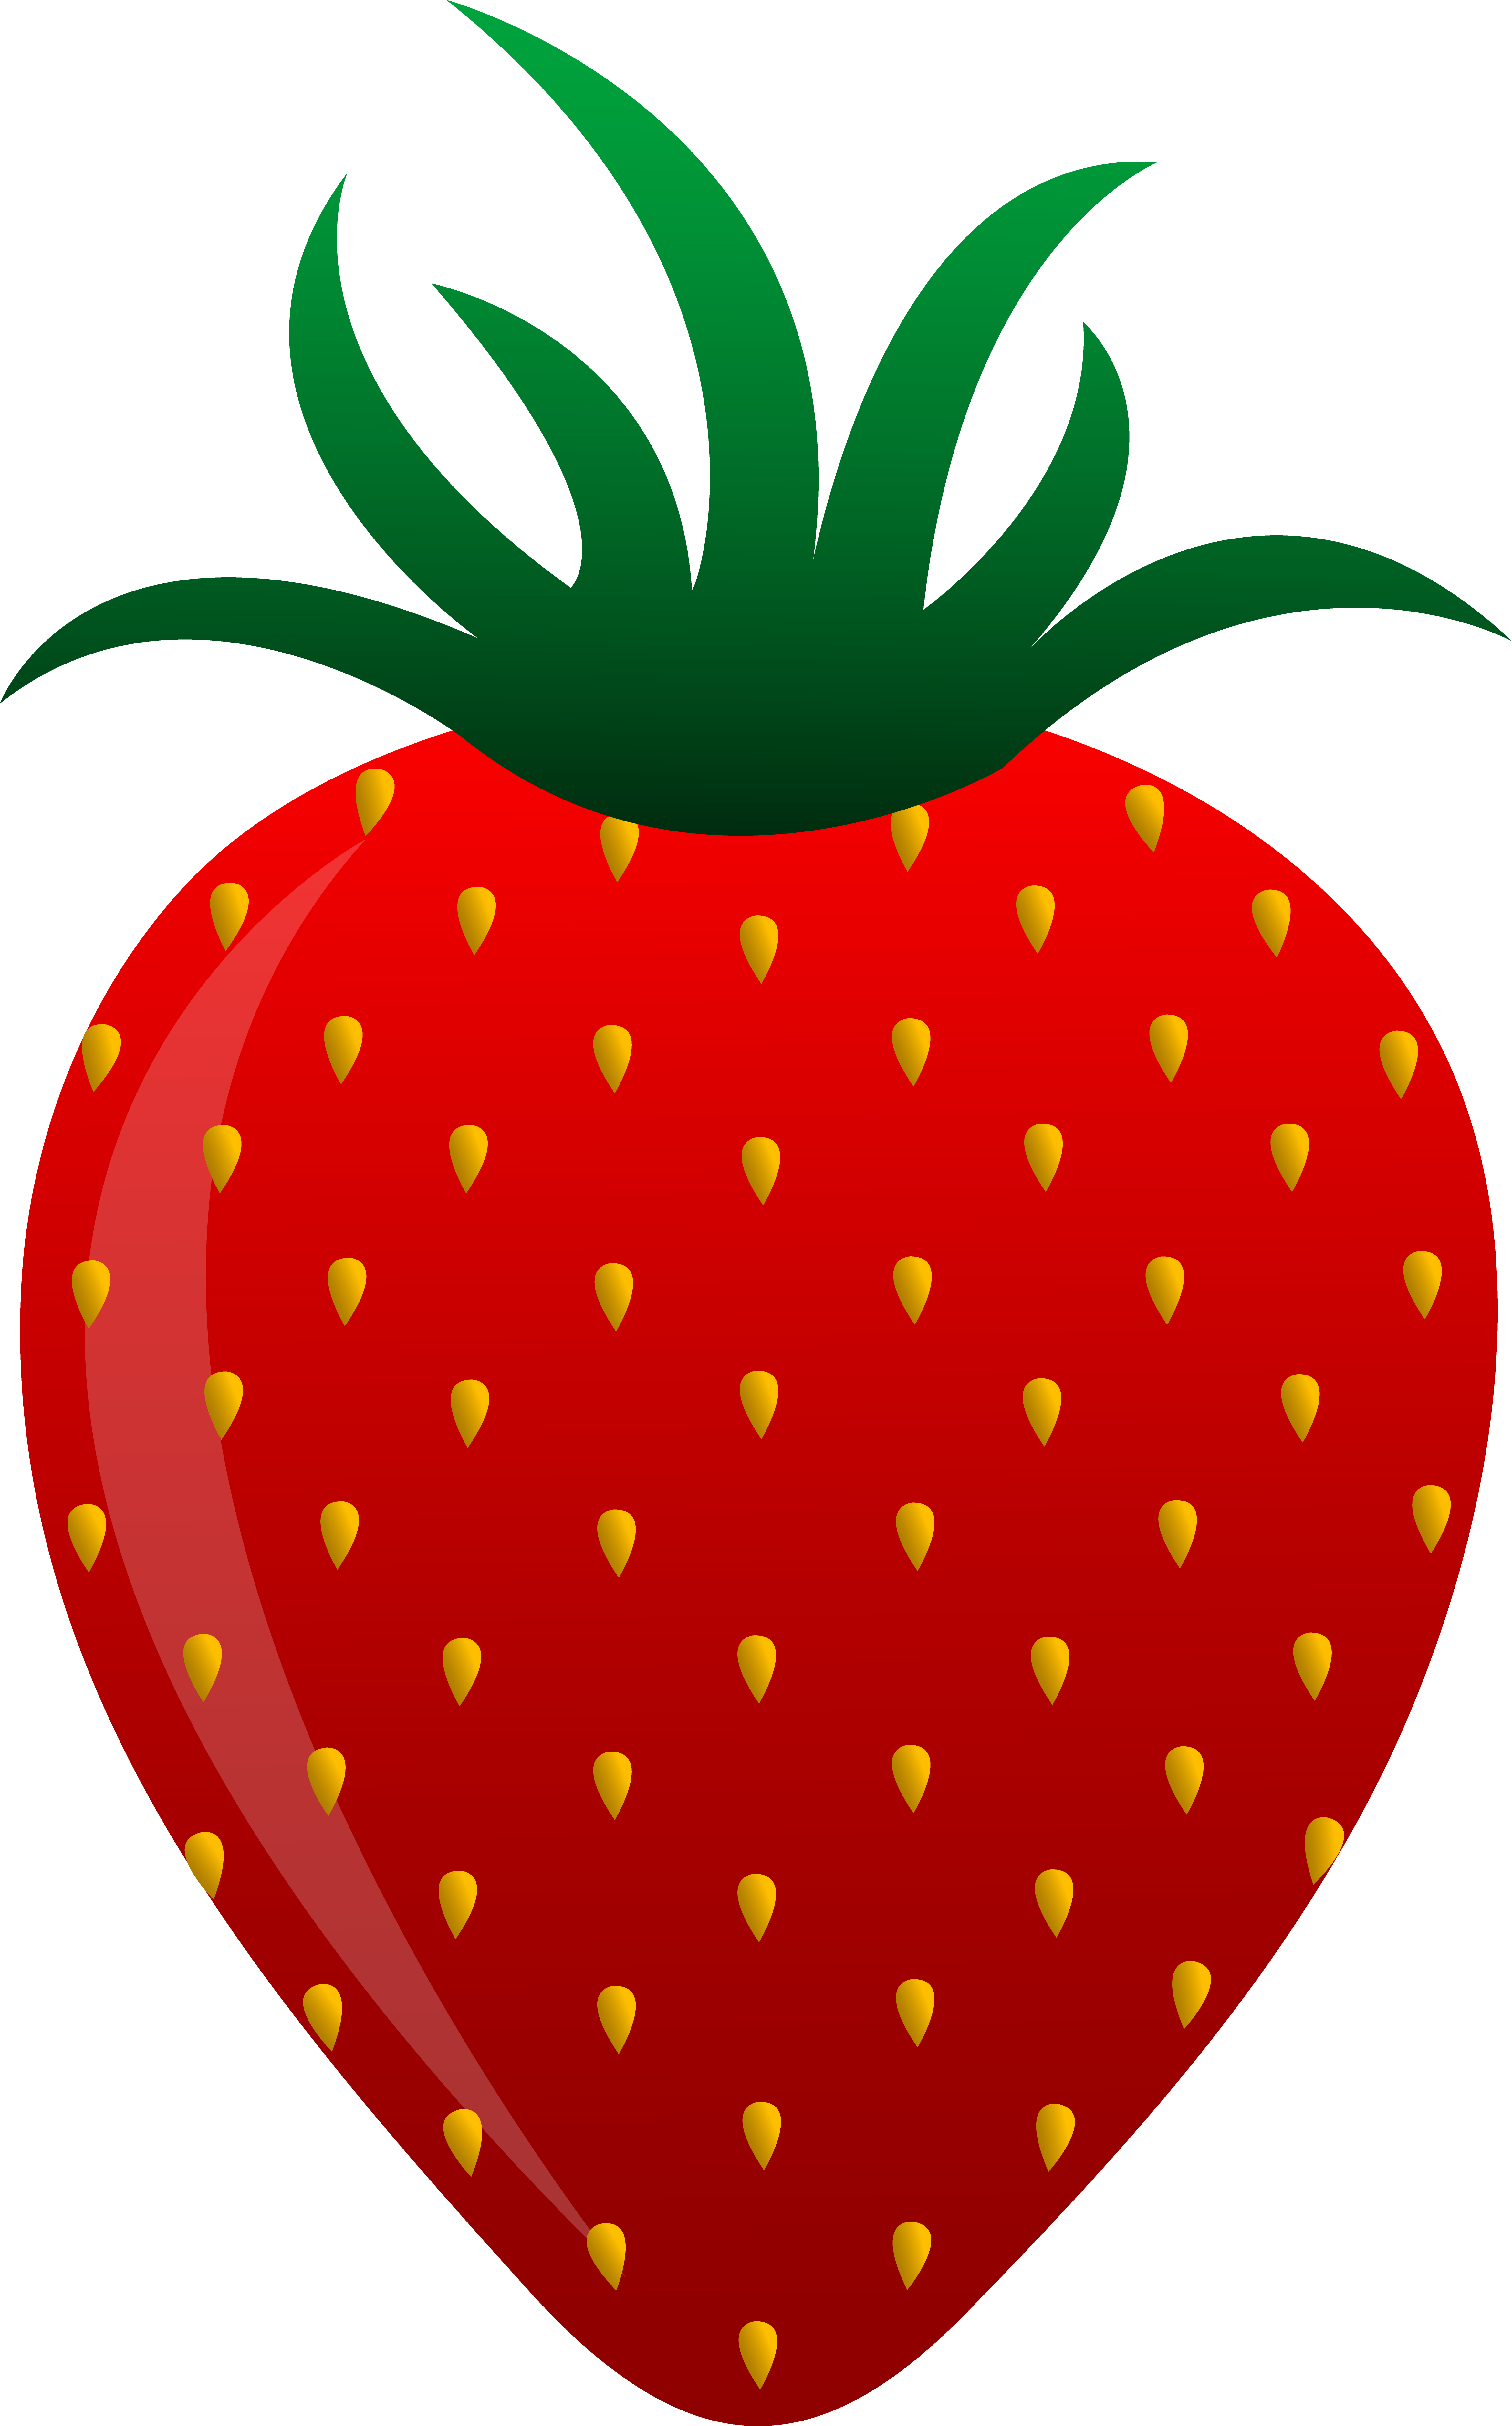 clip art cartoon strawberry clipart rh worldartsme com